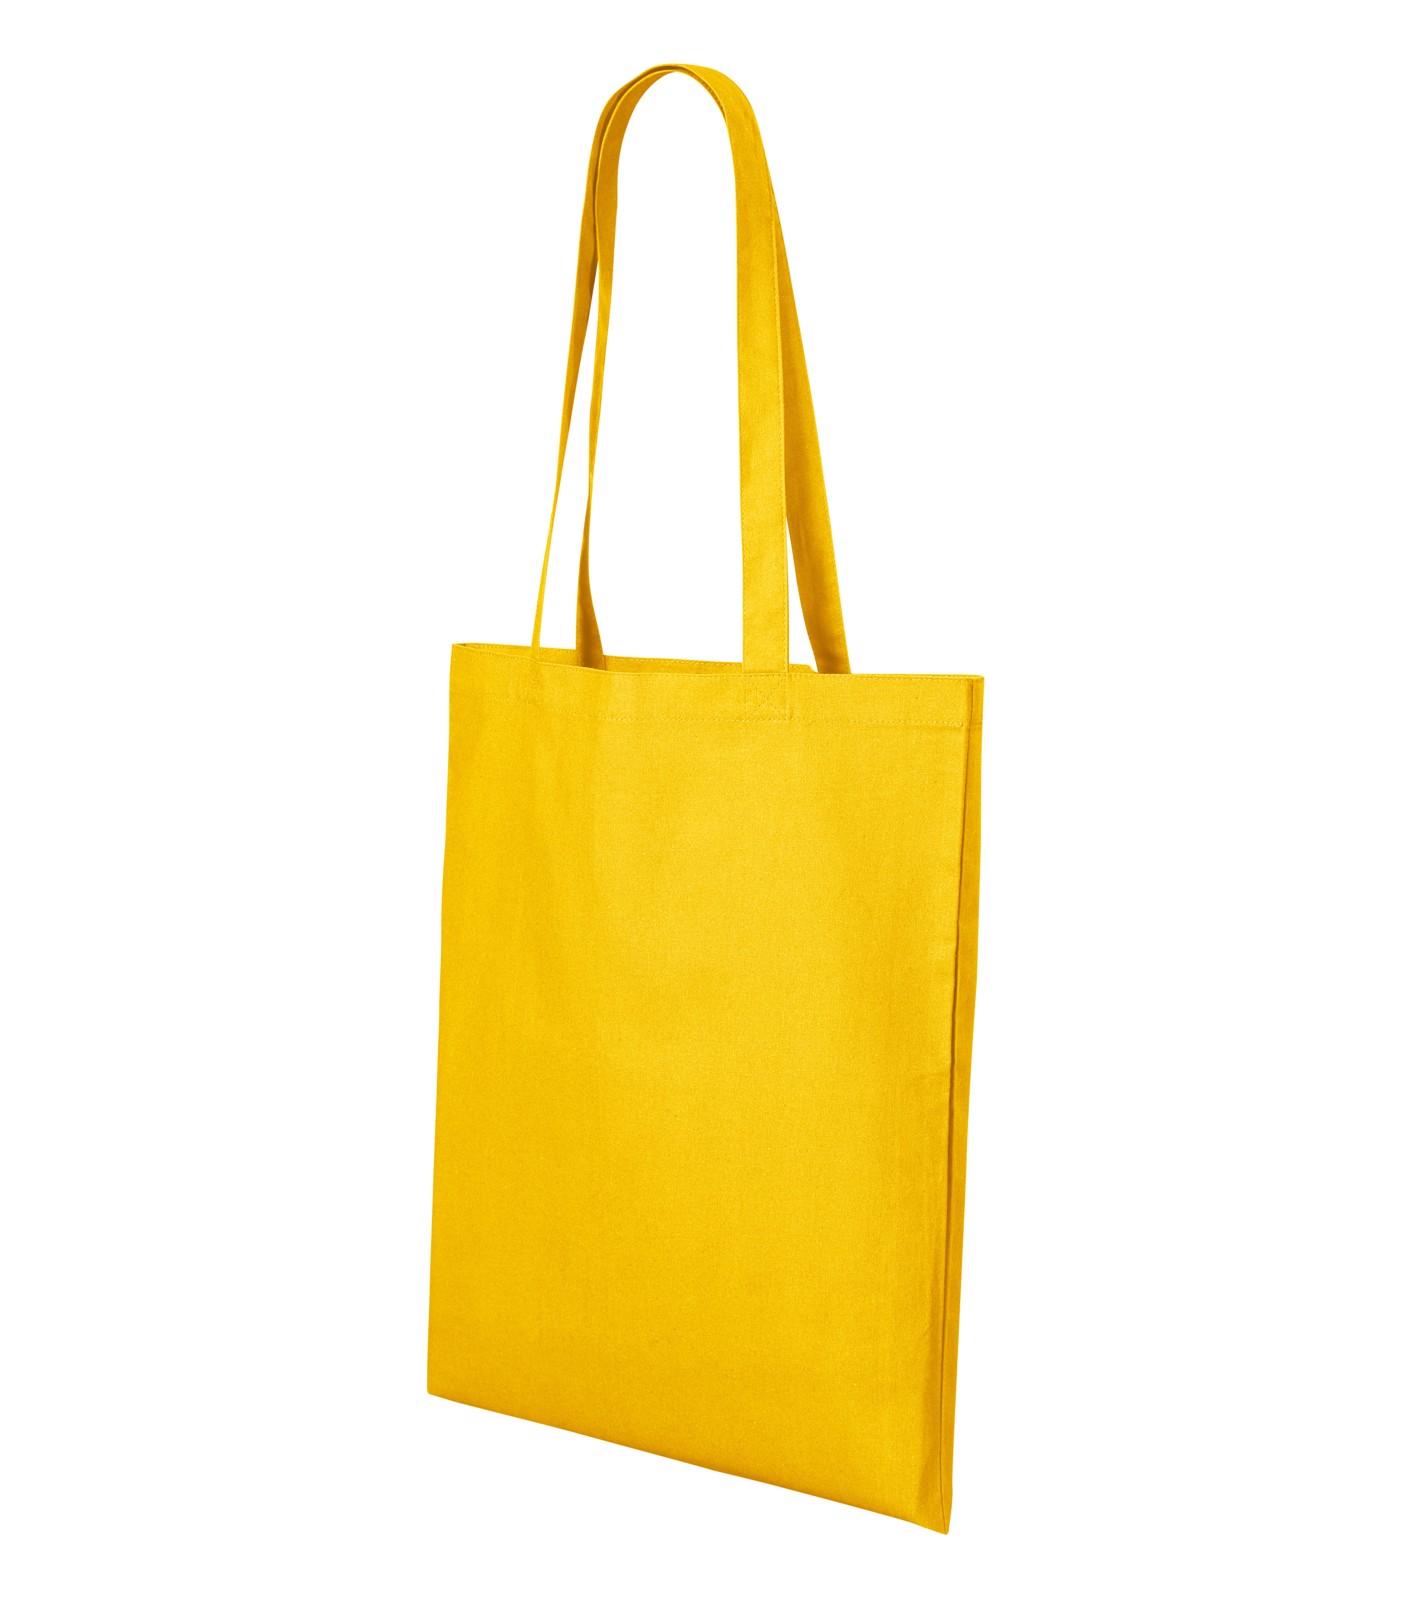 Nákupní taška unisex Malfini Shopper - Žlutá / uni